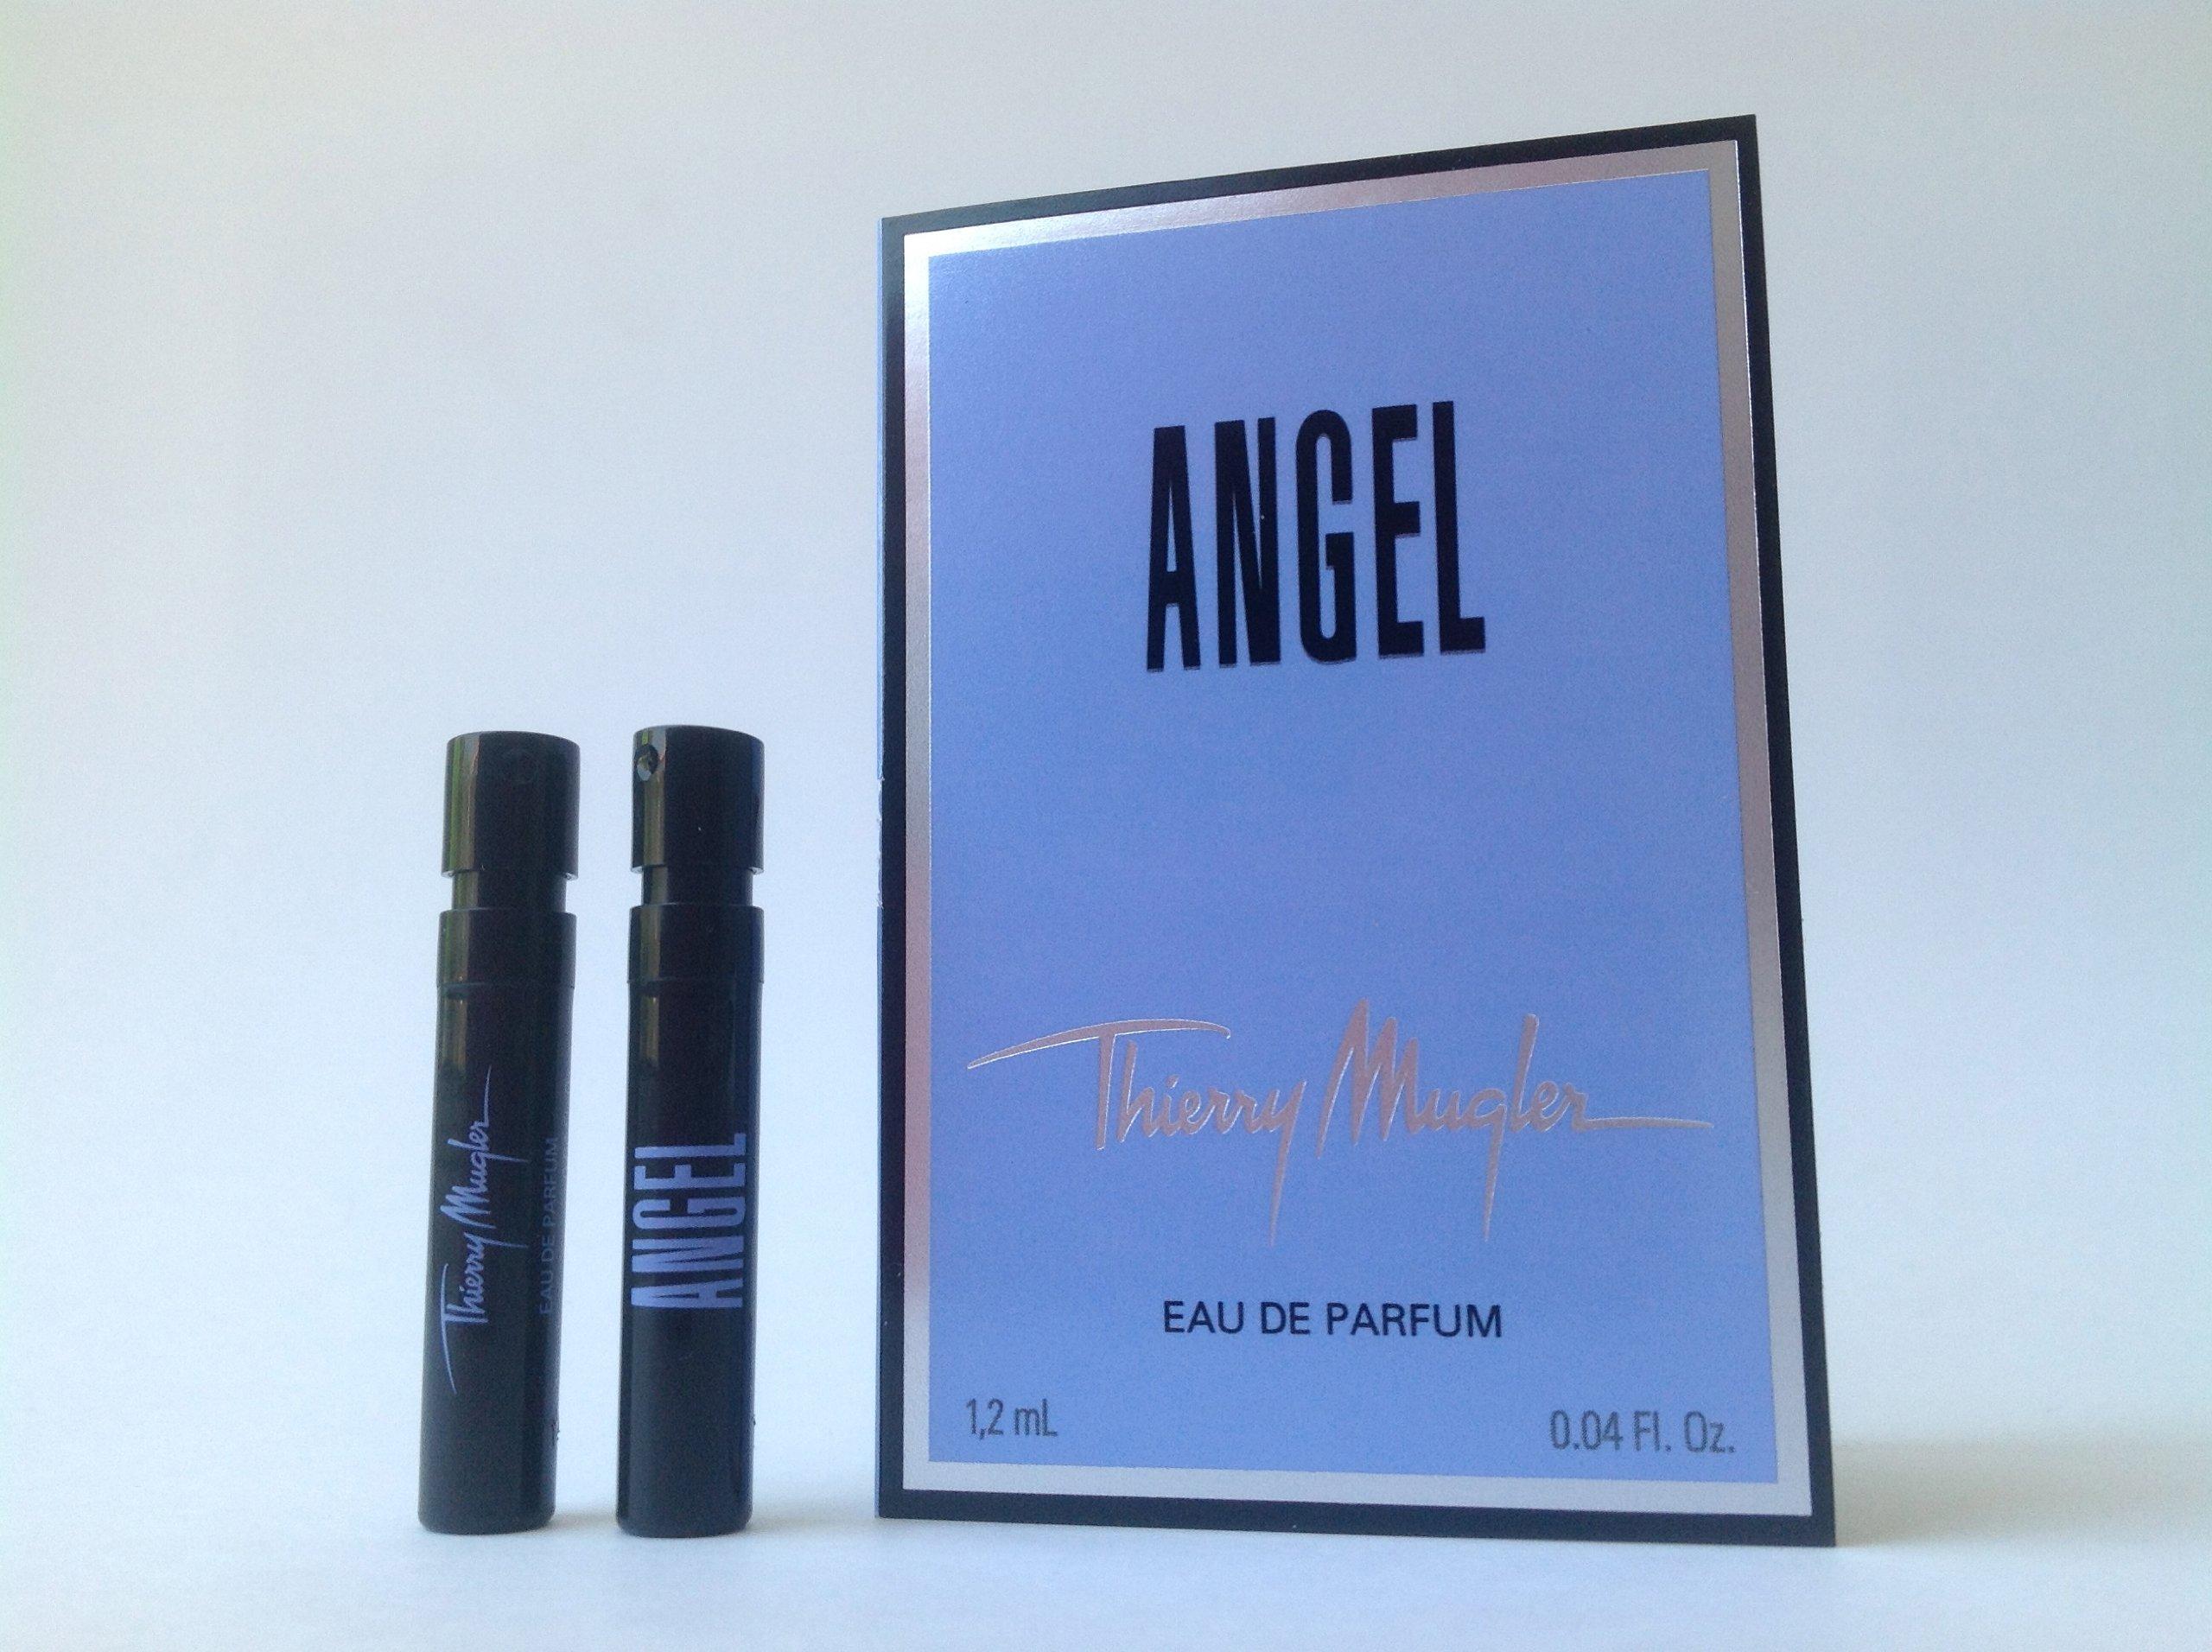 ANGEL by Thierry Mugler for Women 0.04 oz Eau de Parfum (x2) Spray Vial